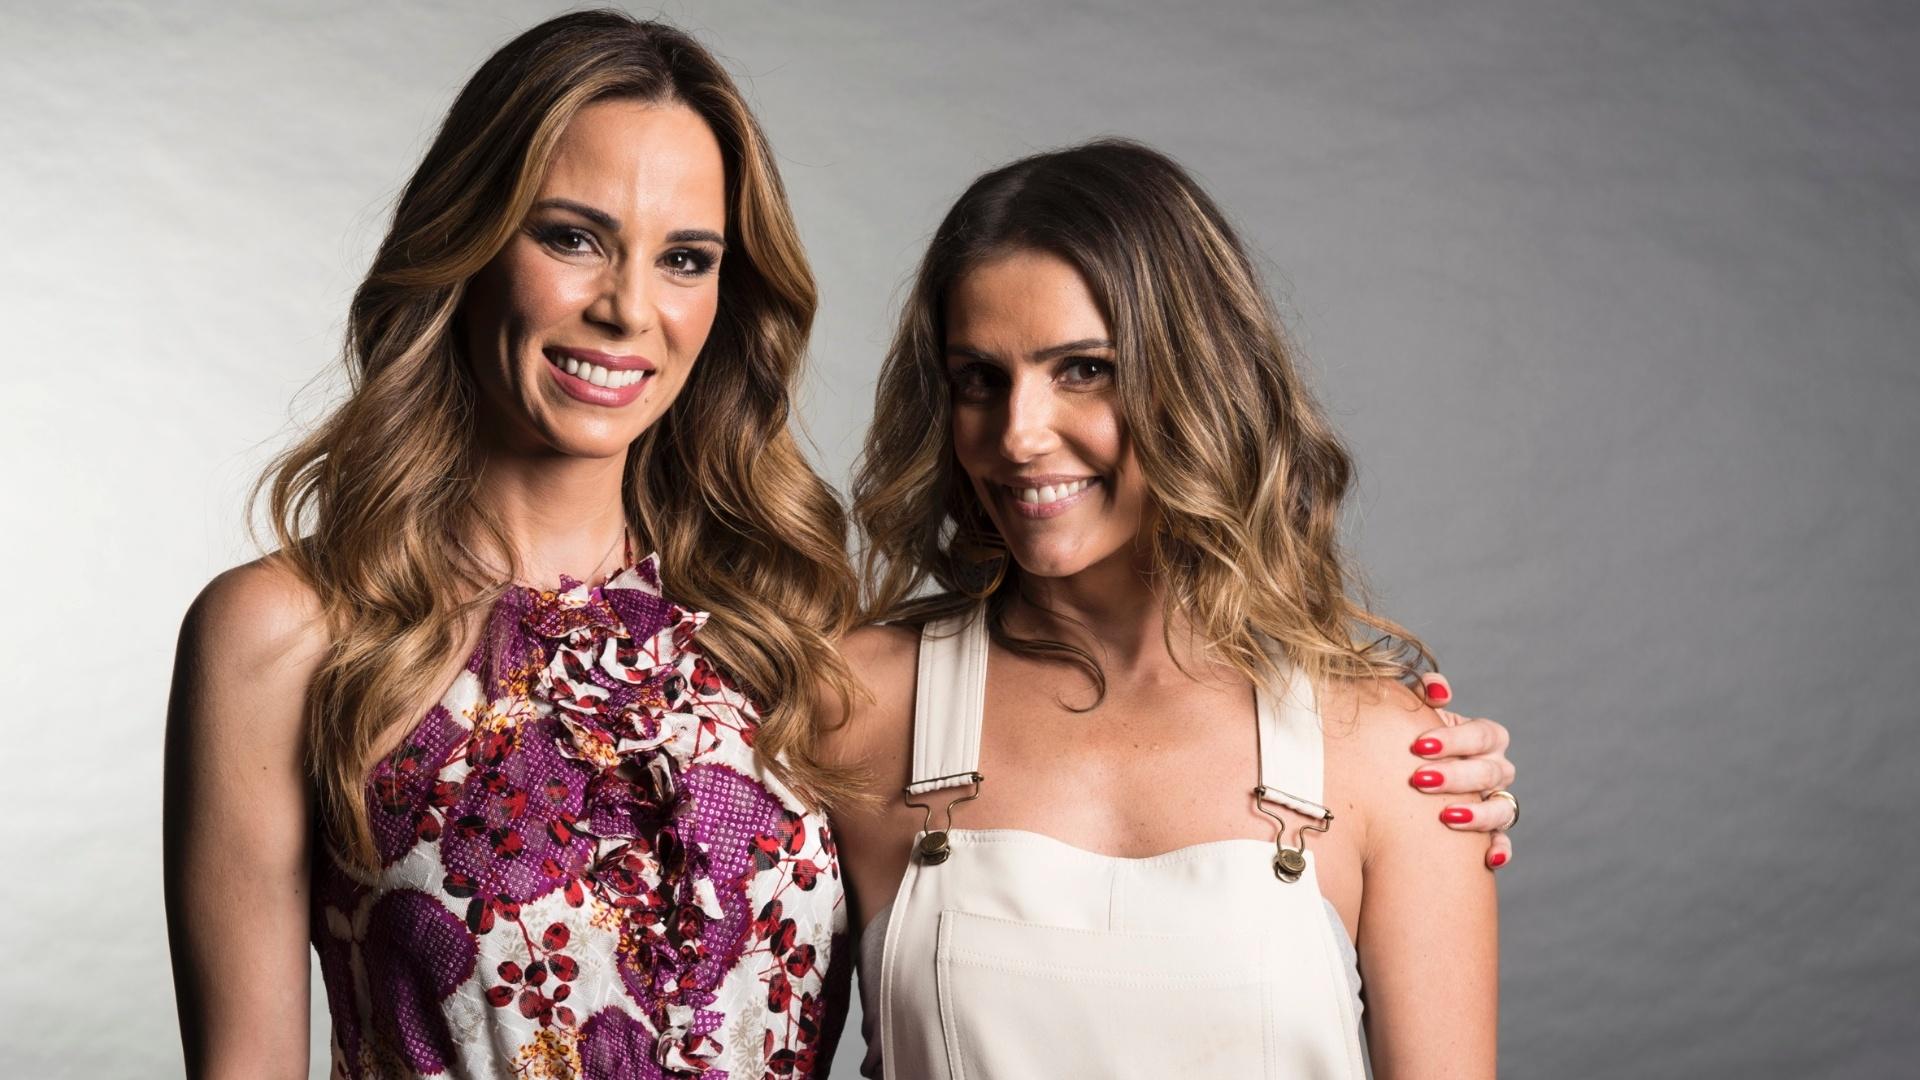 Ana Furtado e Deborah Secco nos bastidores de gravação da campanha de fim de ano 2016 da Rede Globo